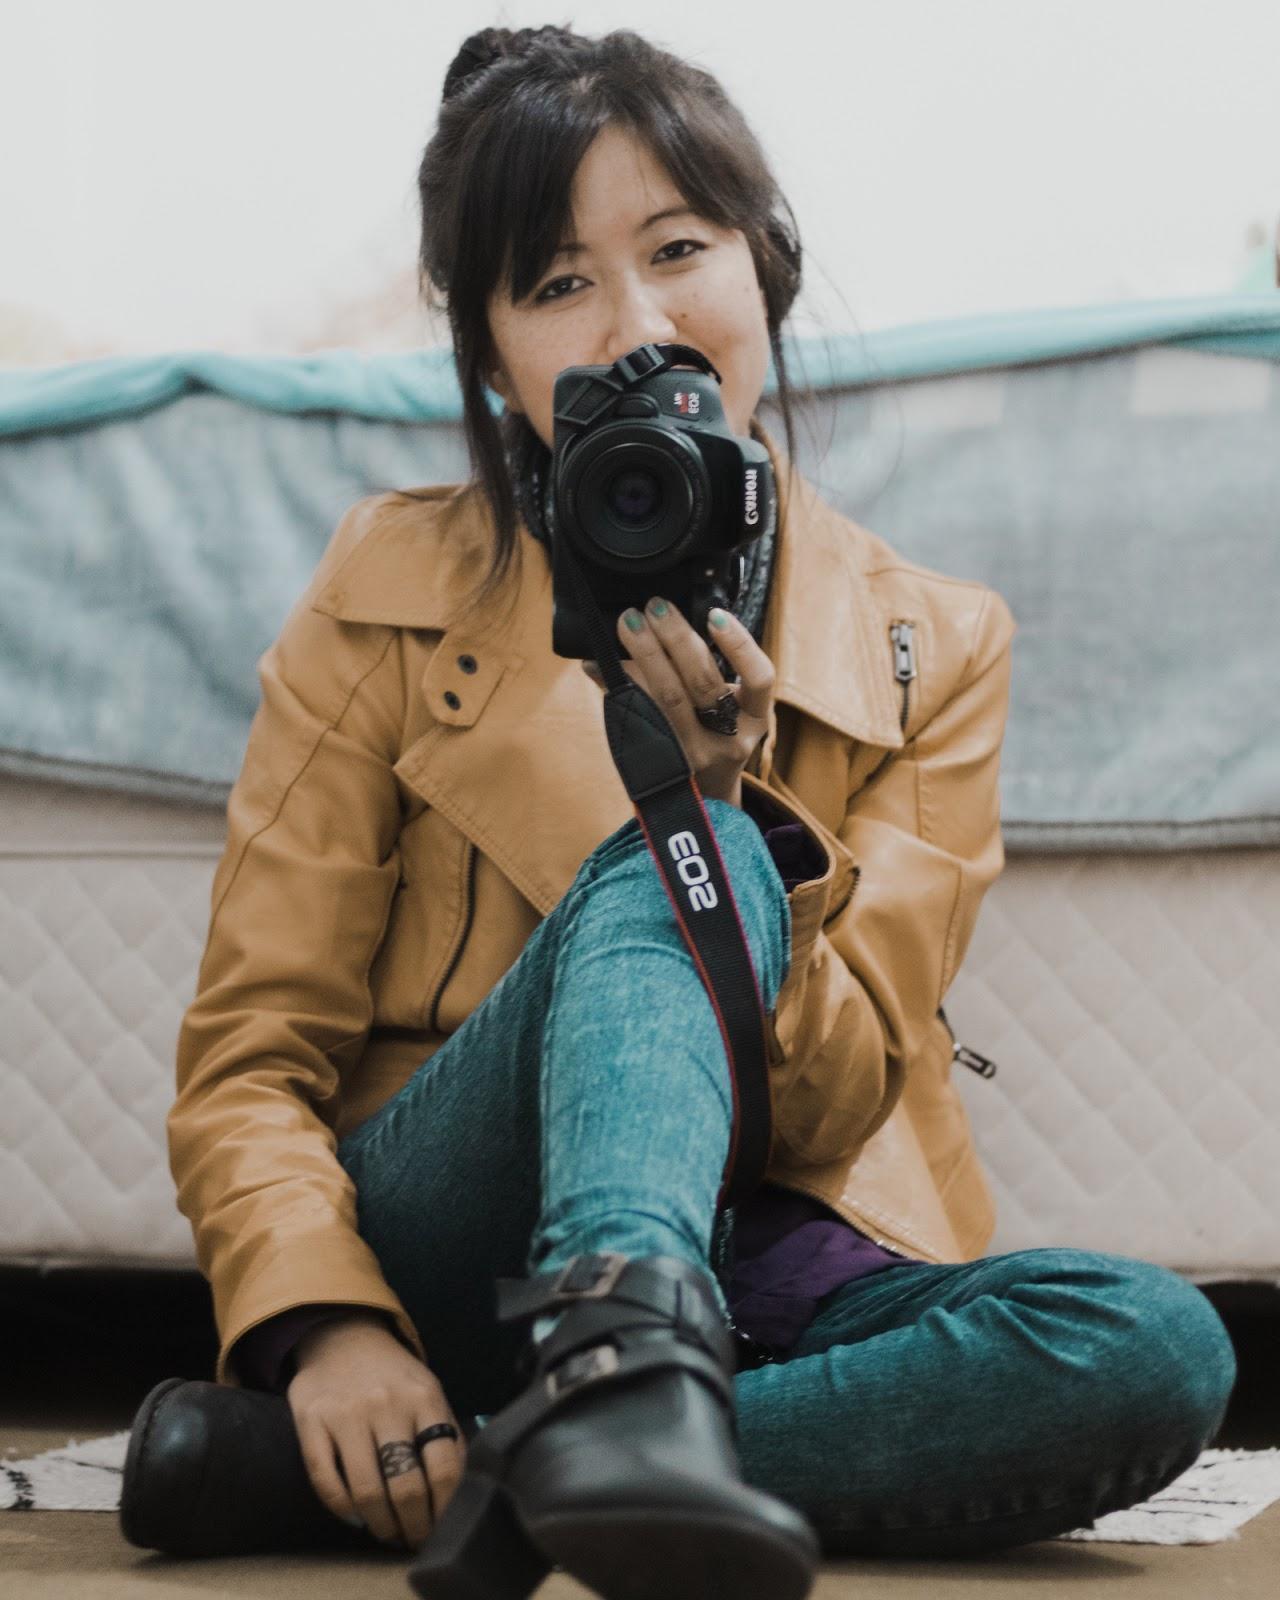 fotografando poses estranhas